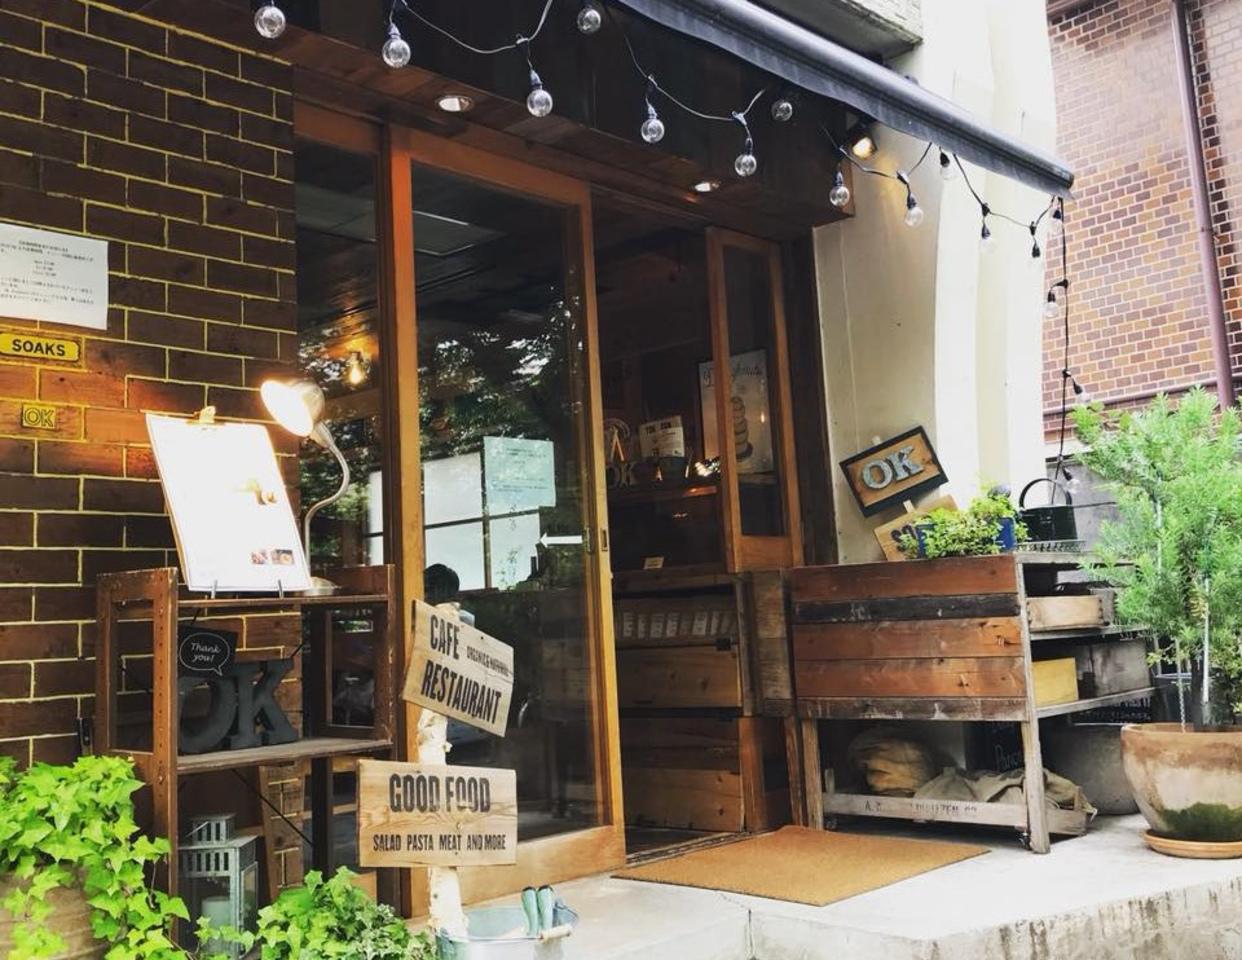 中目黒のカフェ「ソークス」6/30に閉店されたようです。